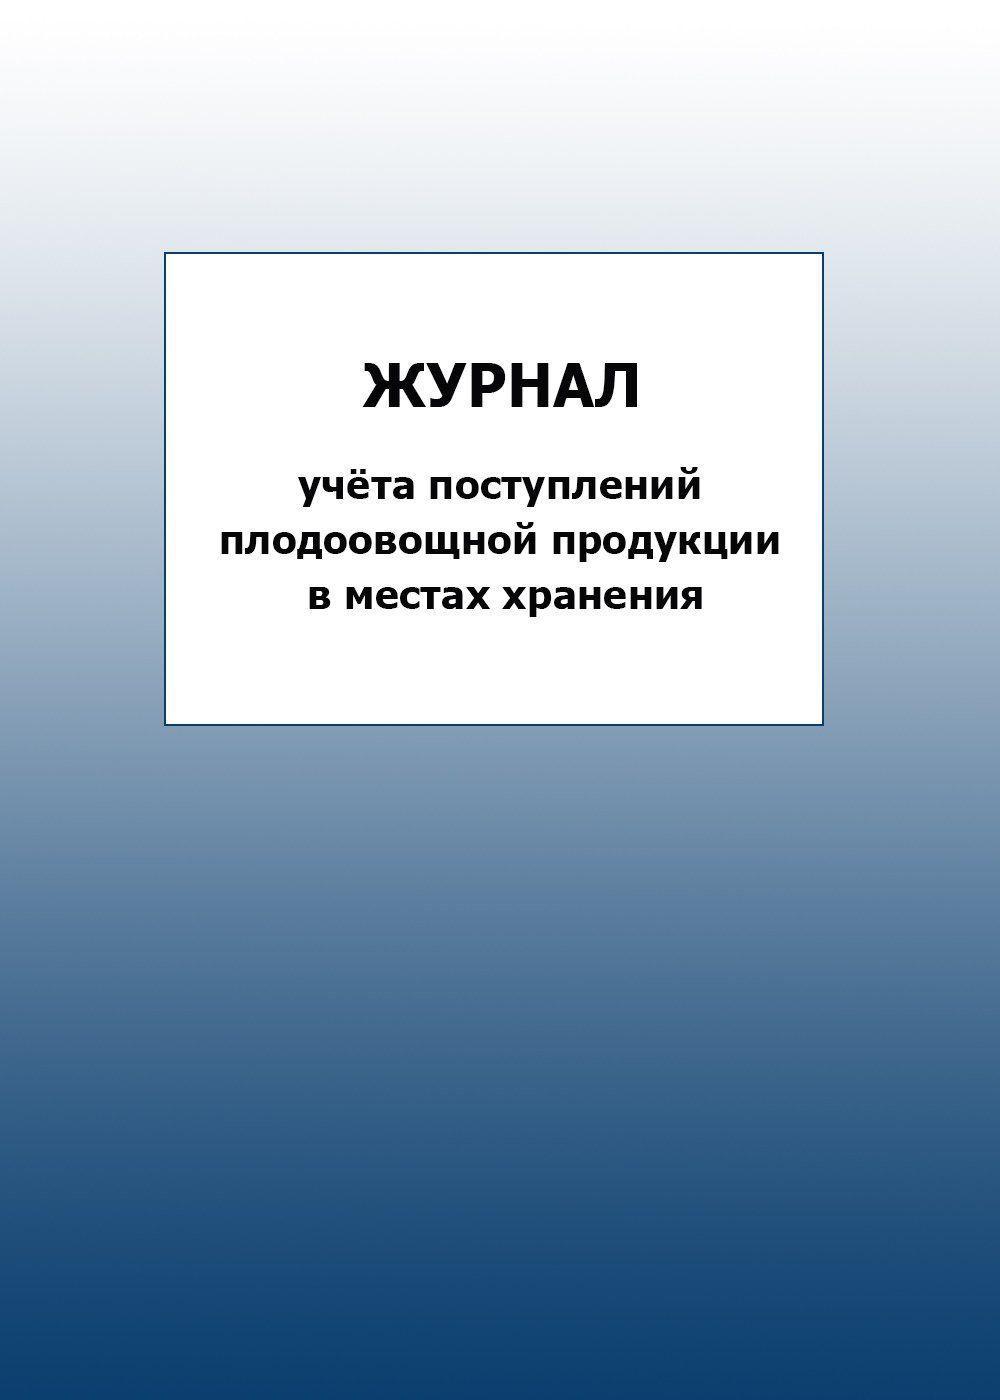 Журнал учёта поступлений плодоовощной продукции в местах хранения: упаковка 100 шт.